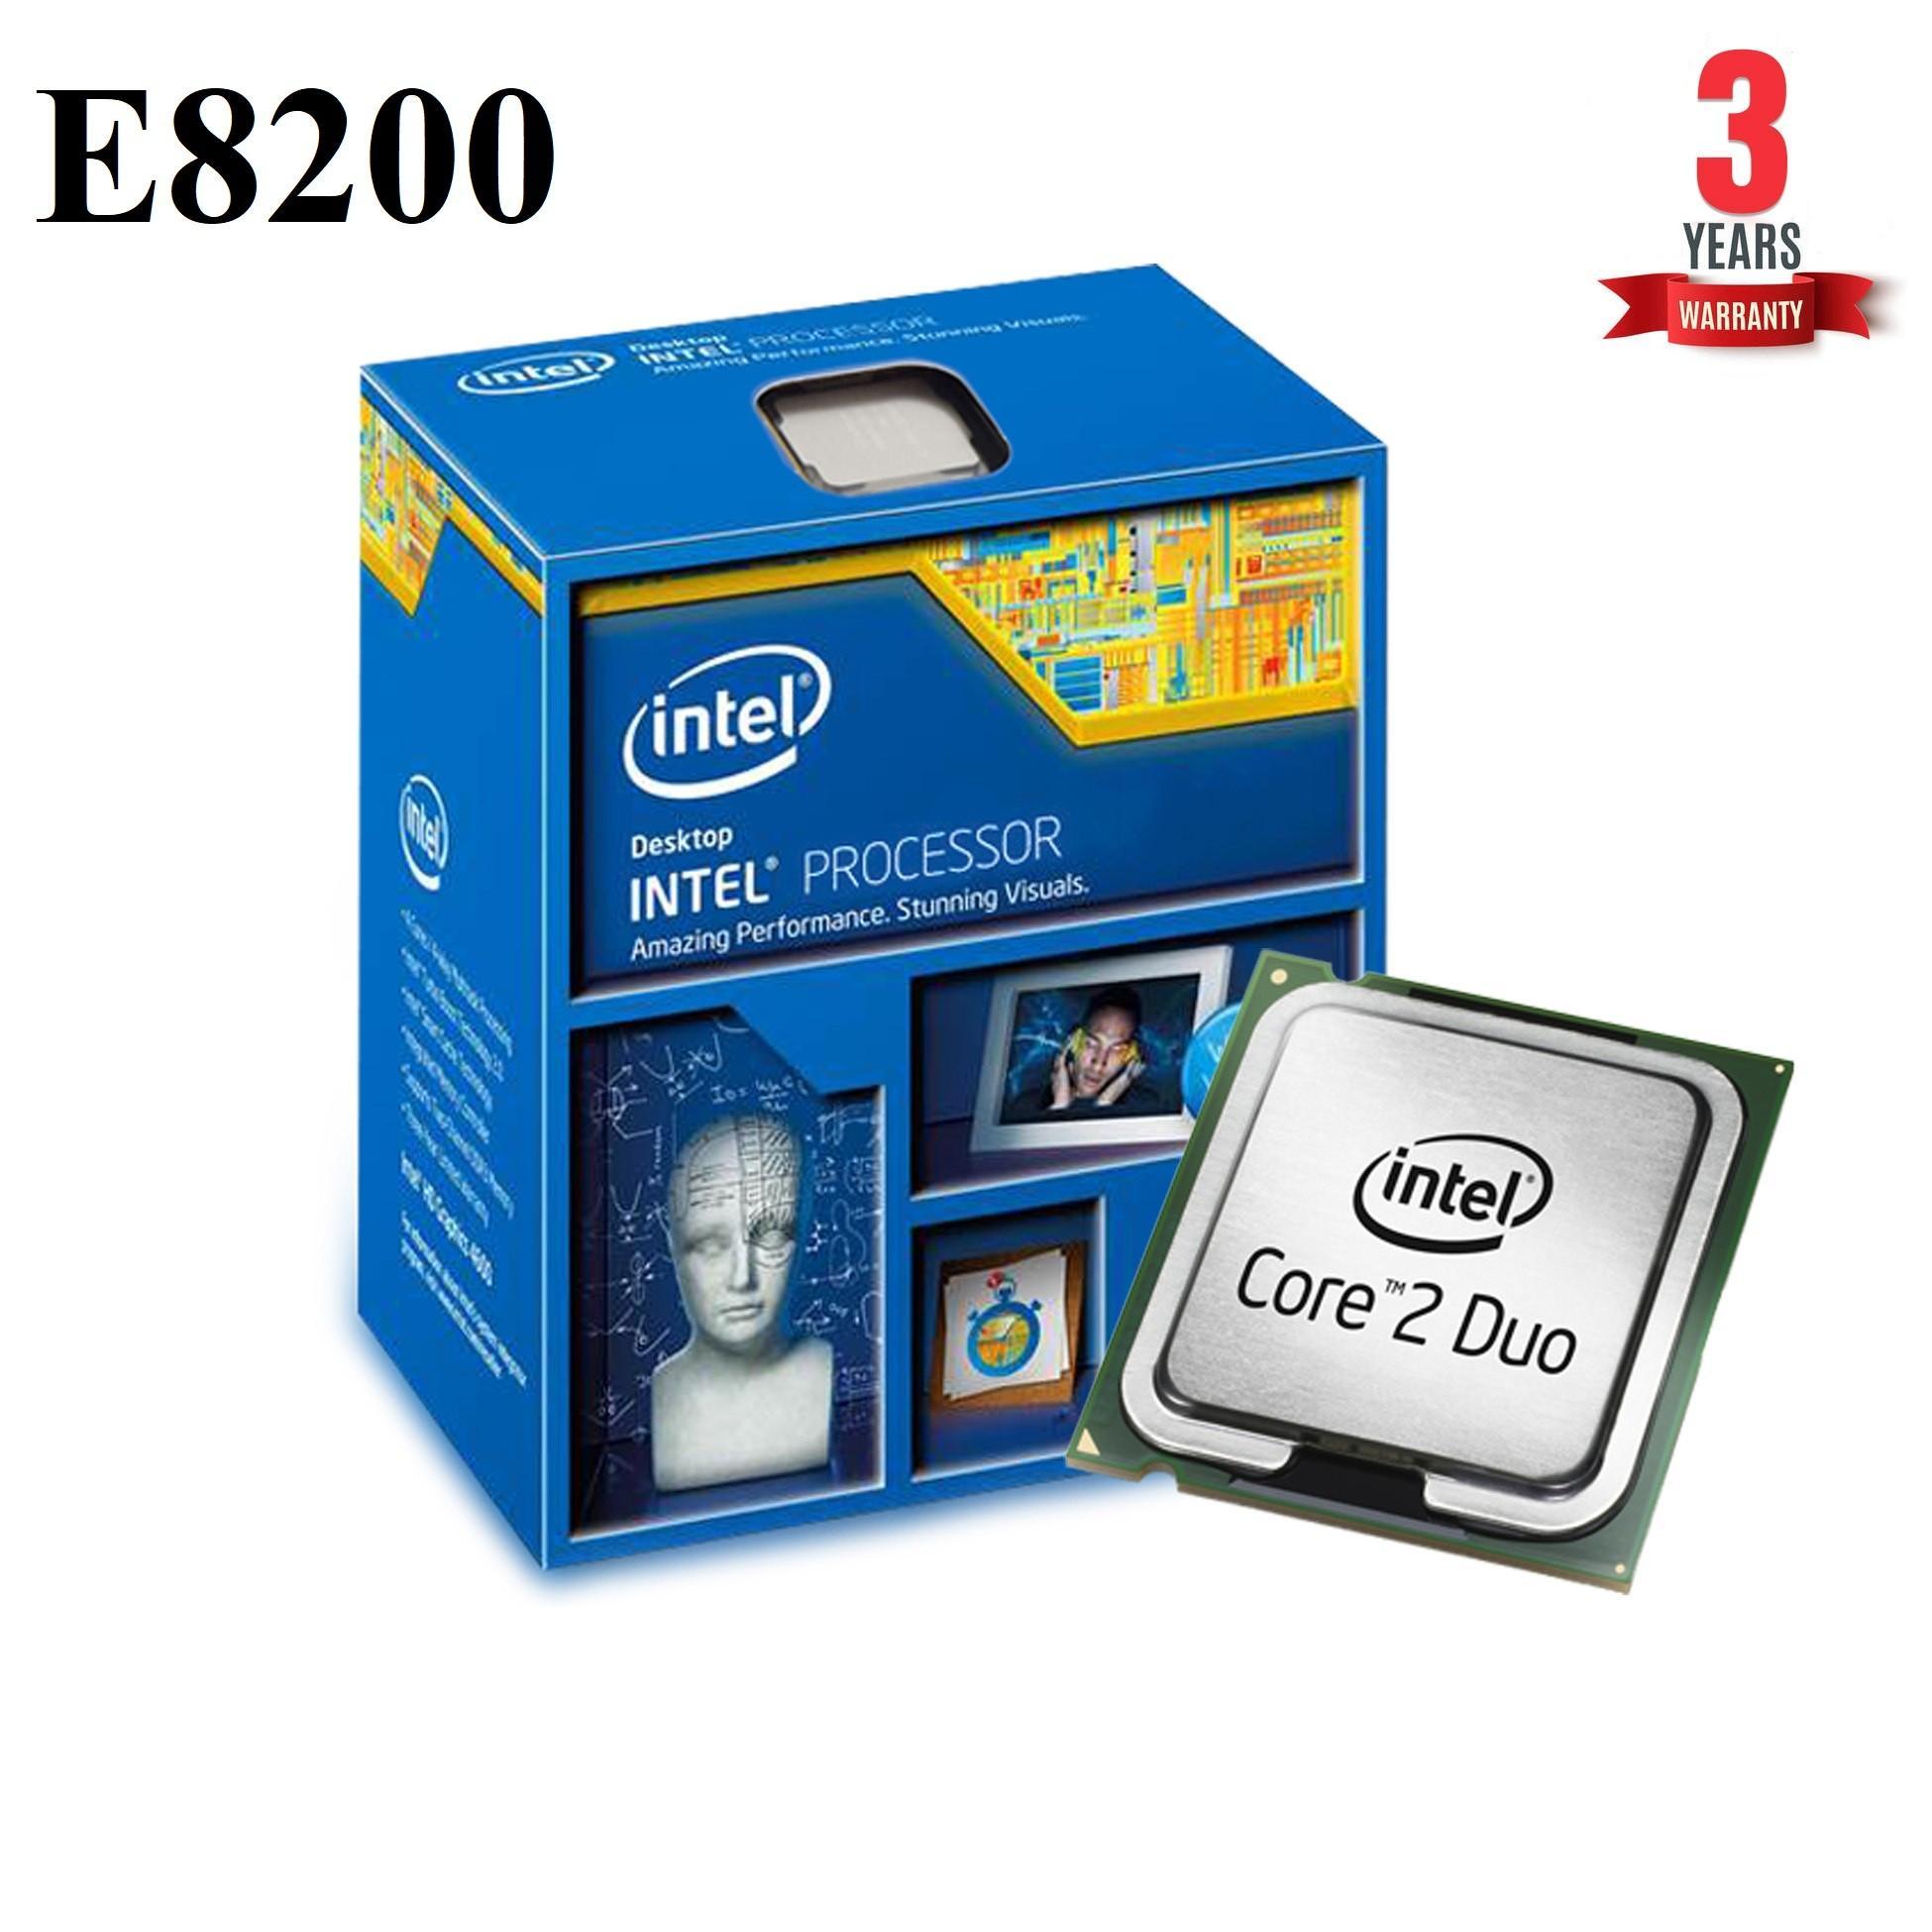 Bộ vi xử lý Intel CPU Core 2 Duo E8200 ( 2 lõi - 2 Luồng) - Hàng Nhập Khẩu